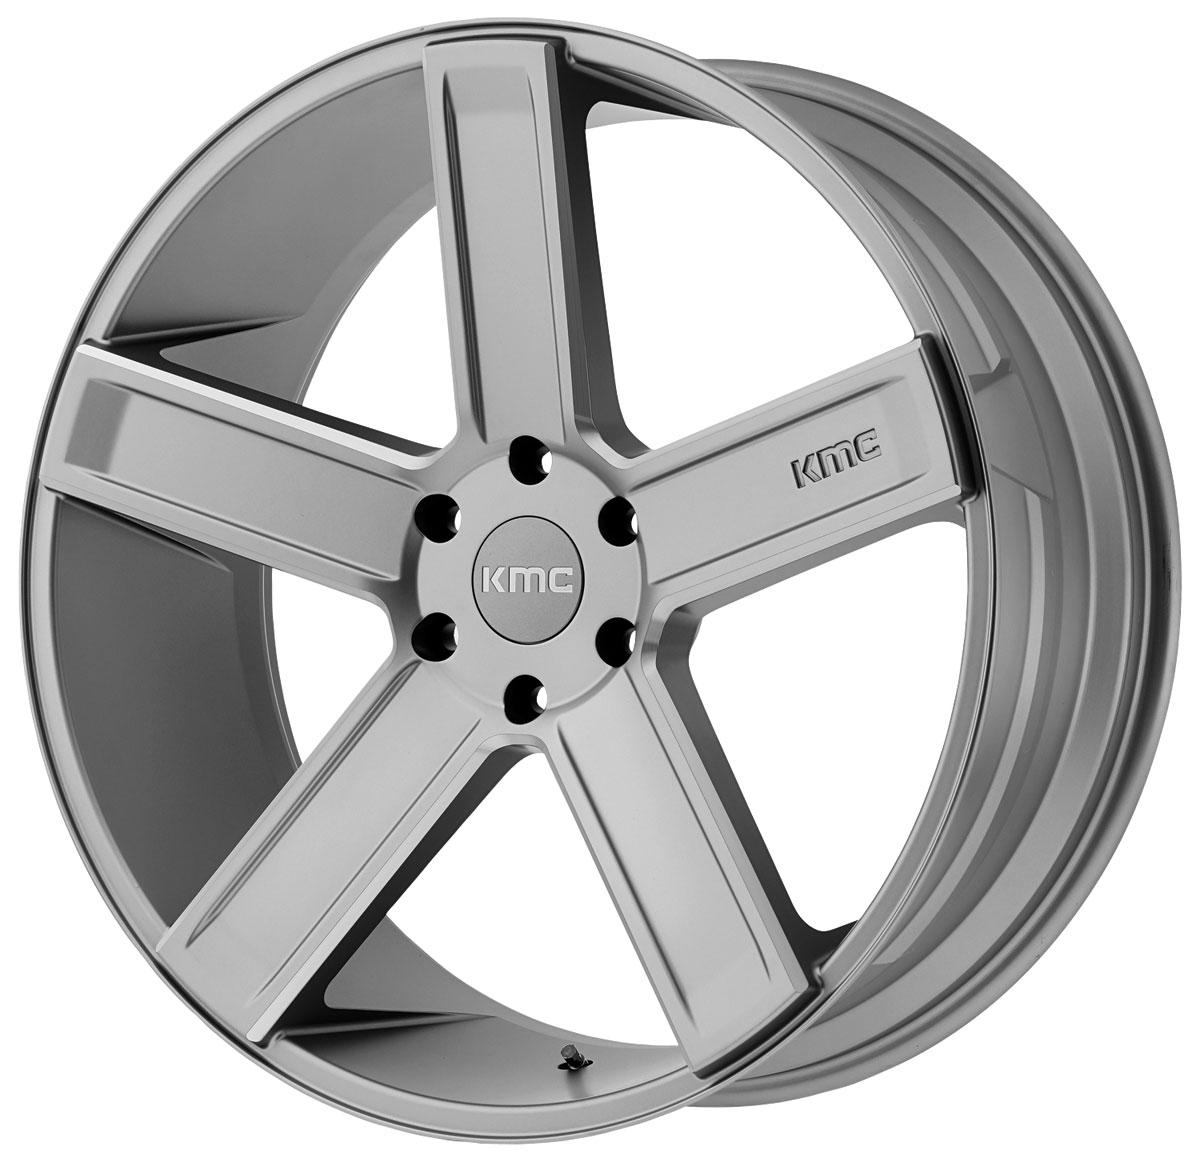 Wheel, KMC, KM702 DUECE, 1999-2019 Escalade, 22X9